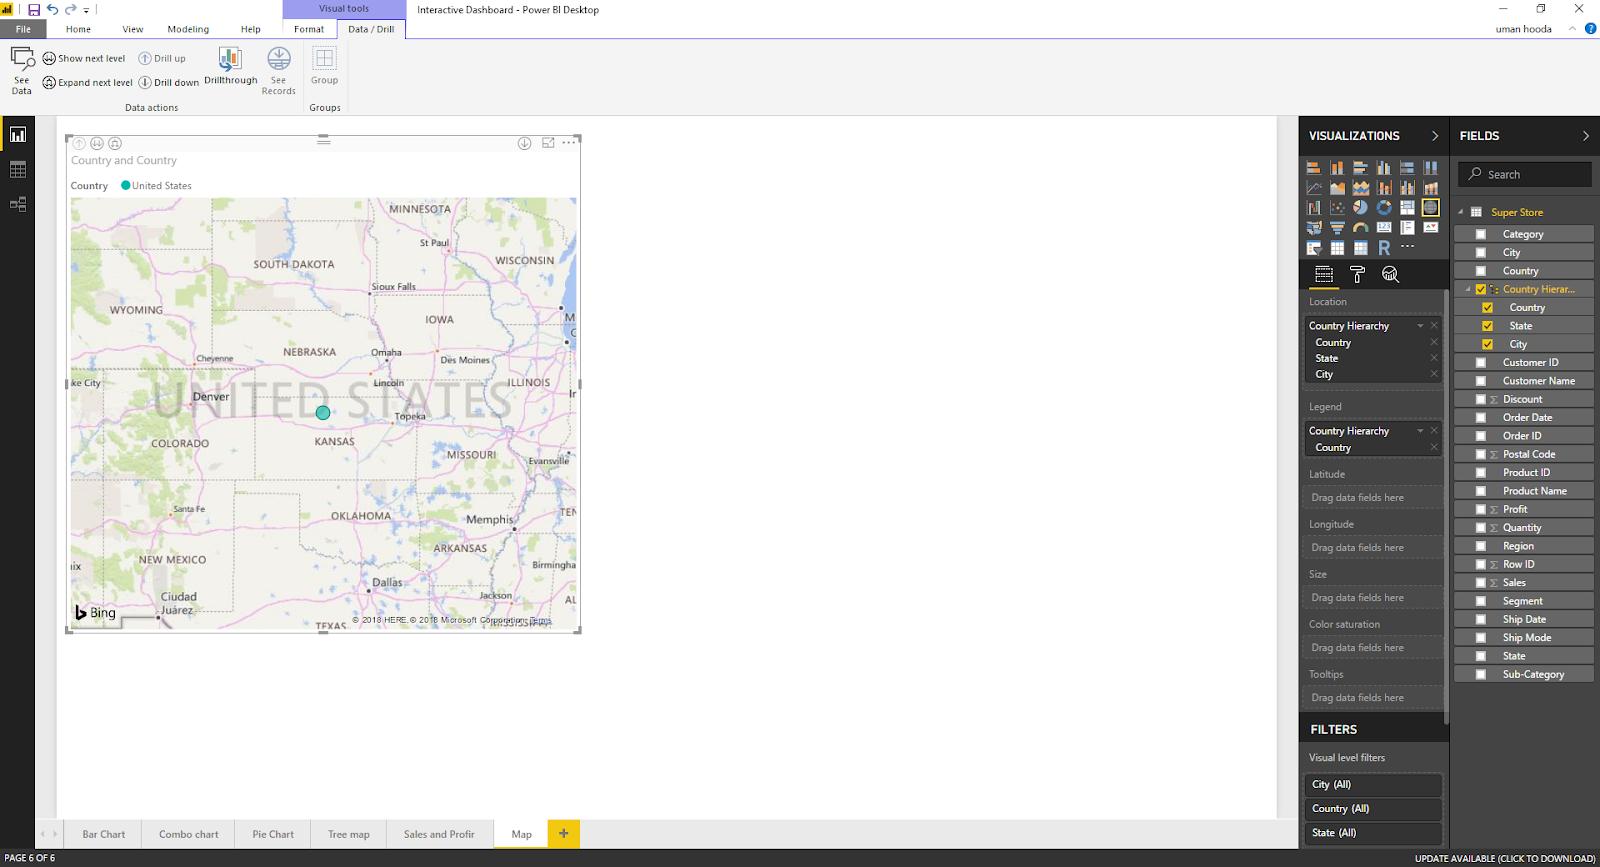 Interactive Dashboard In Microsoft Power BI 51